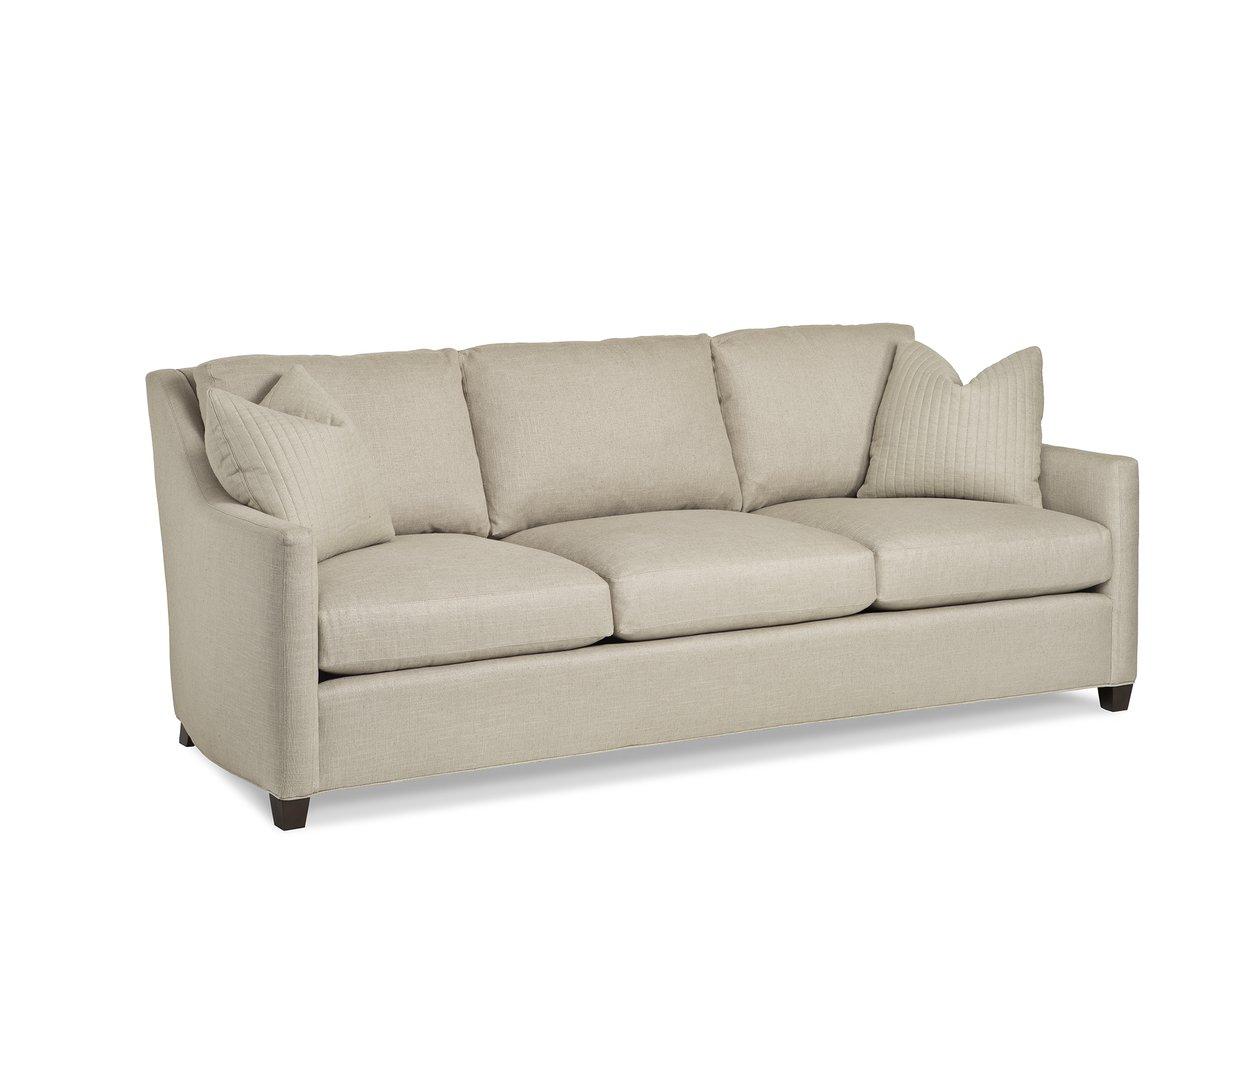 Hudson Sofa Image